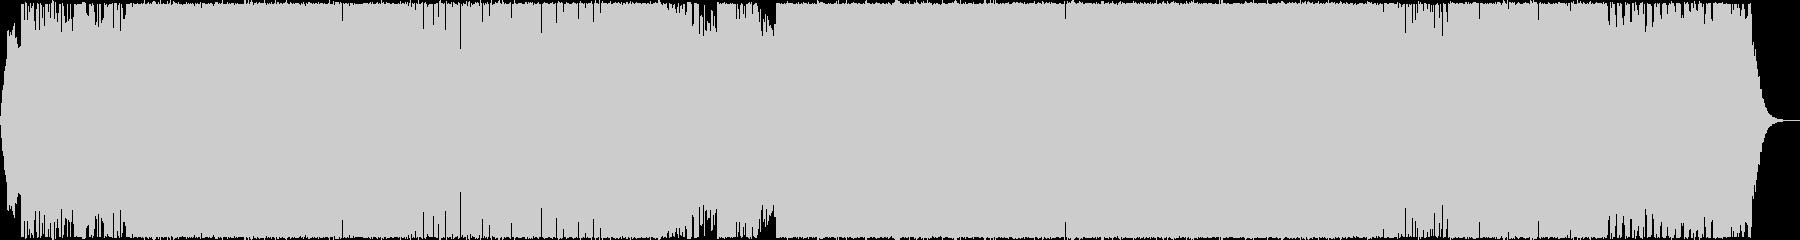 ヘビーメタルなゲーム戦闘BGMの未再生の波形